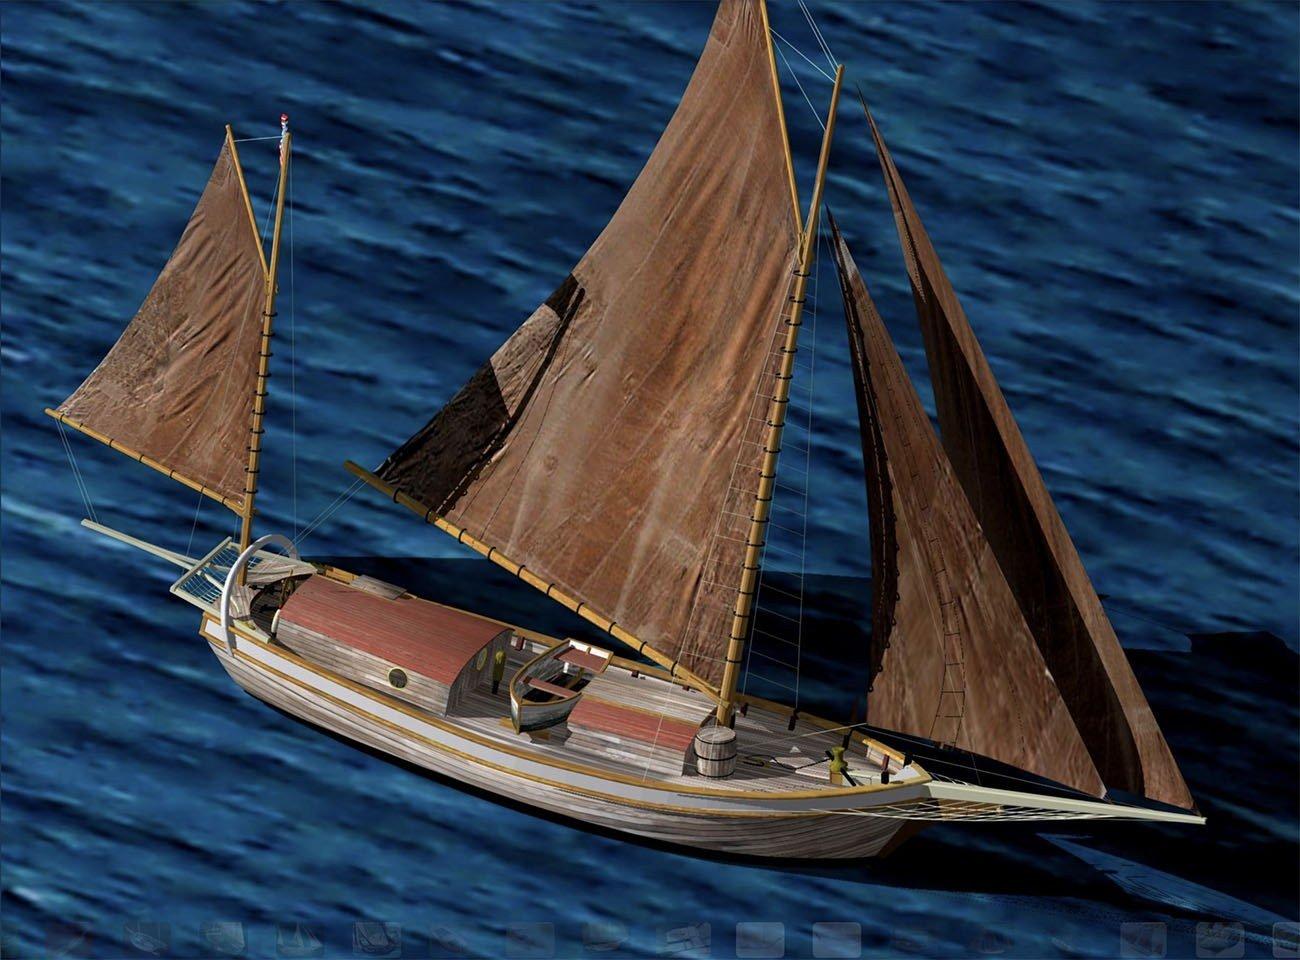 Imagem réplica do veleiro Spray de Joshua Slocum.